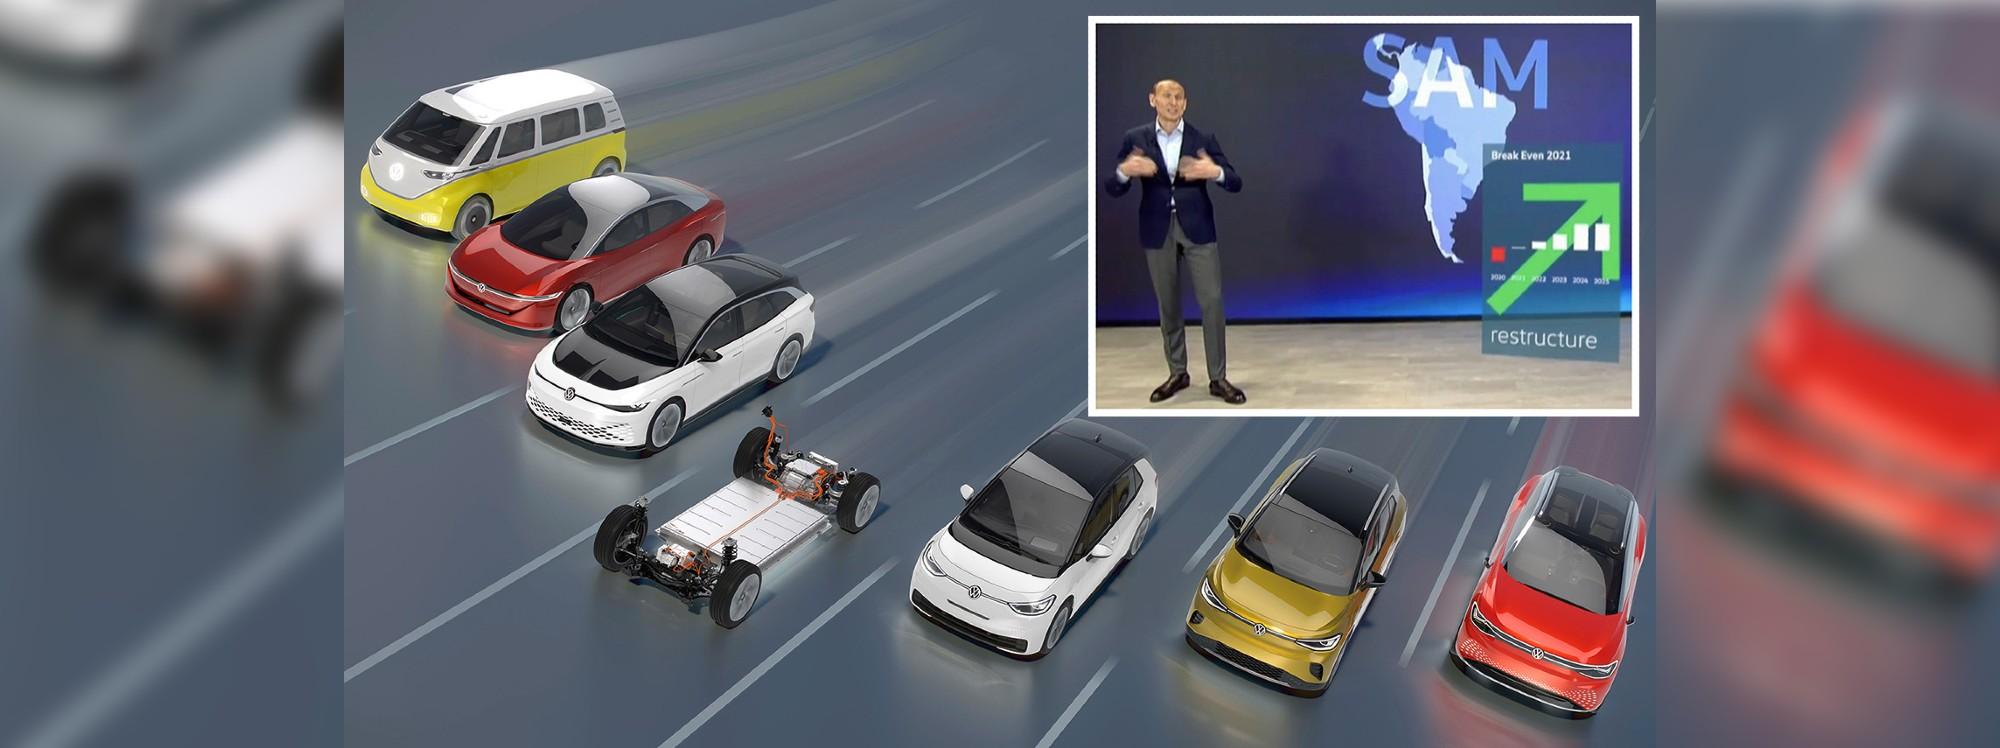 Volkswagen pisa el acelerador de su plan de electrificación mundial. ¿Y Sudamérica?